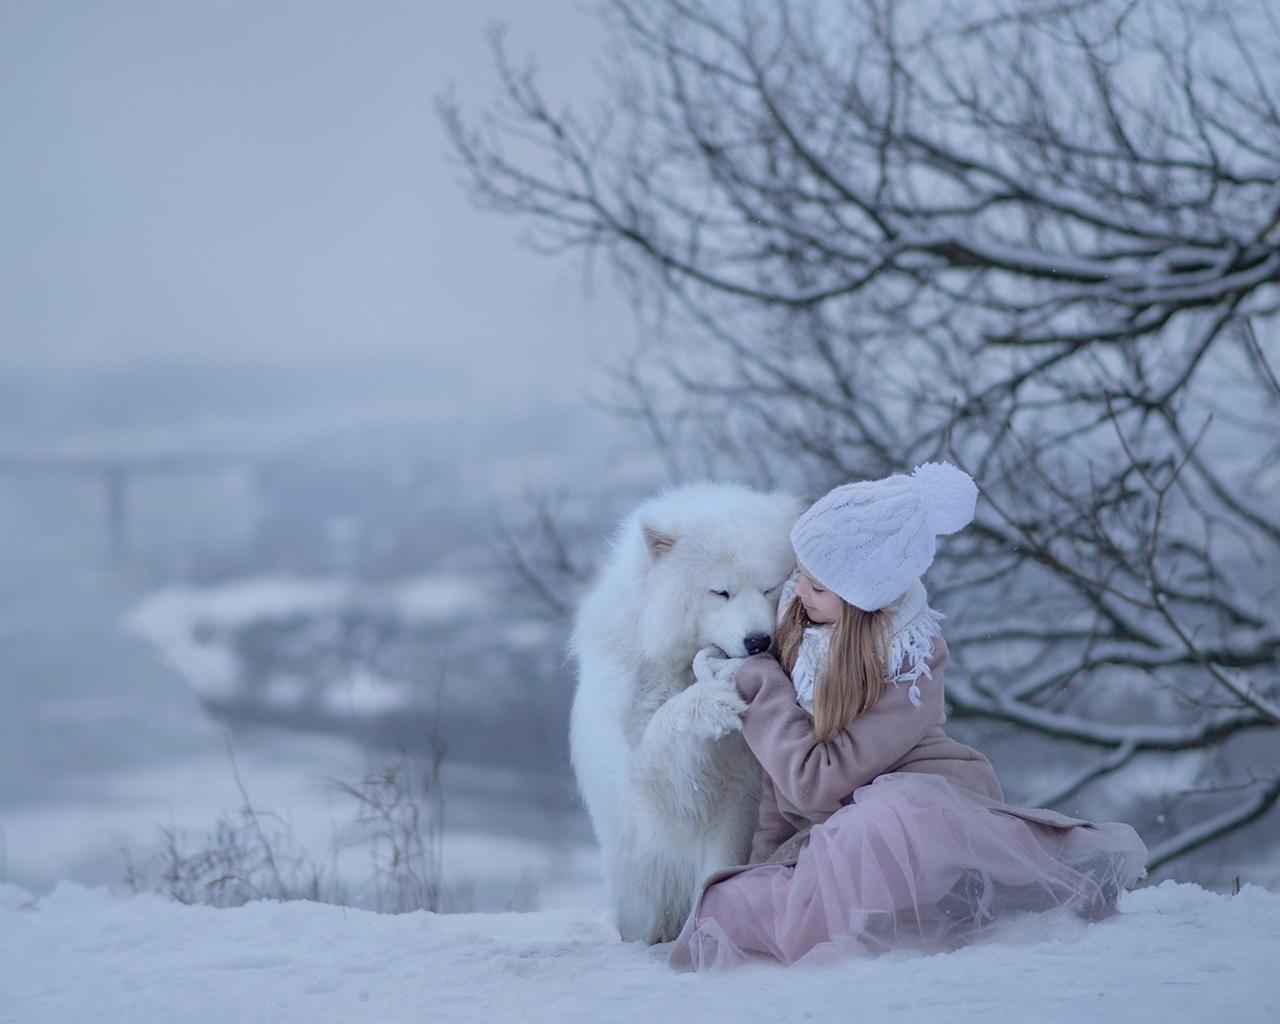 ребёнок, девочка, животное, собака, пёс, самоед, природа, зима, снег, дерево, ветки